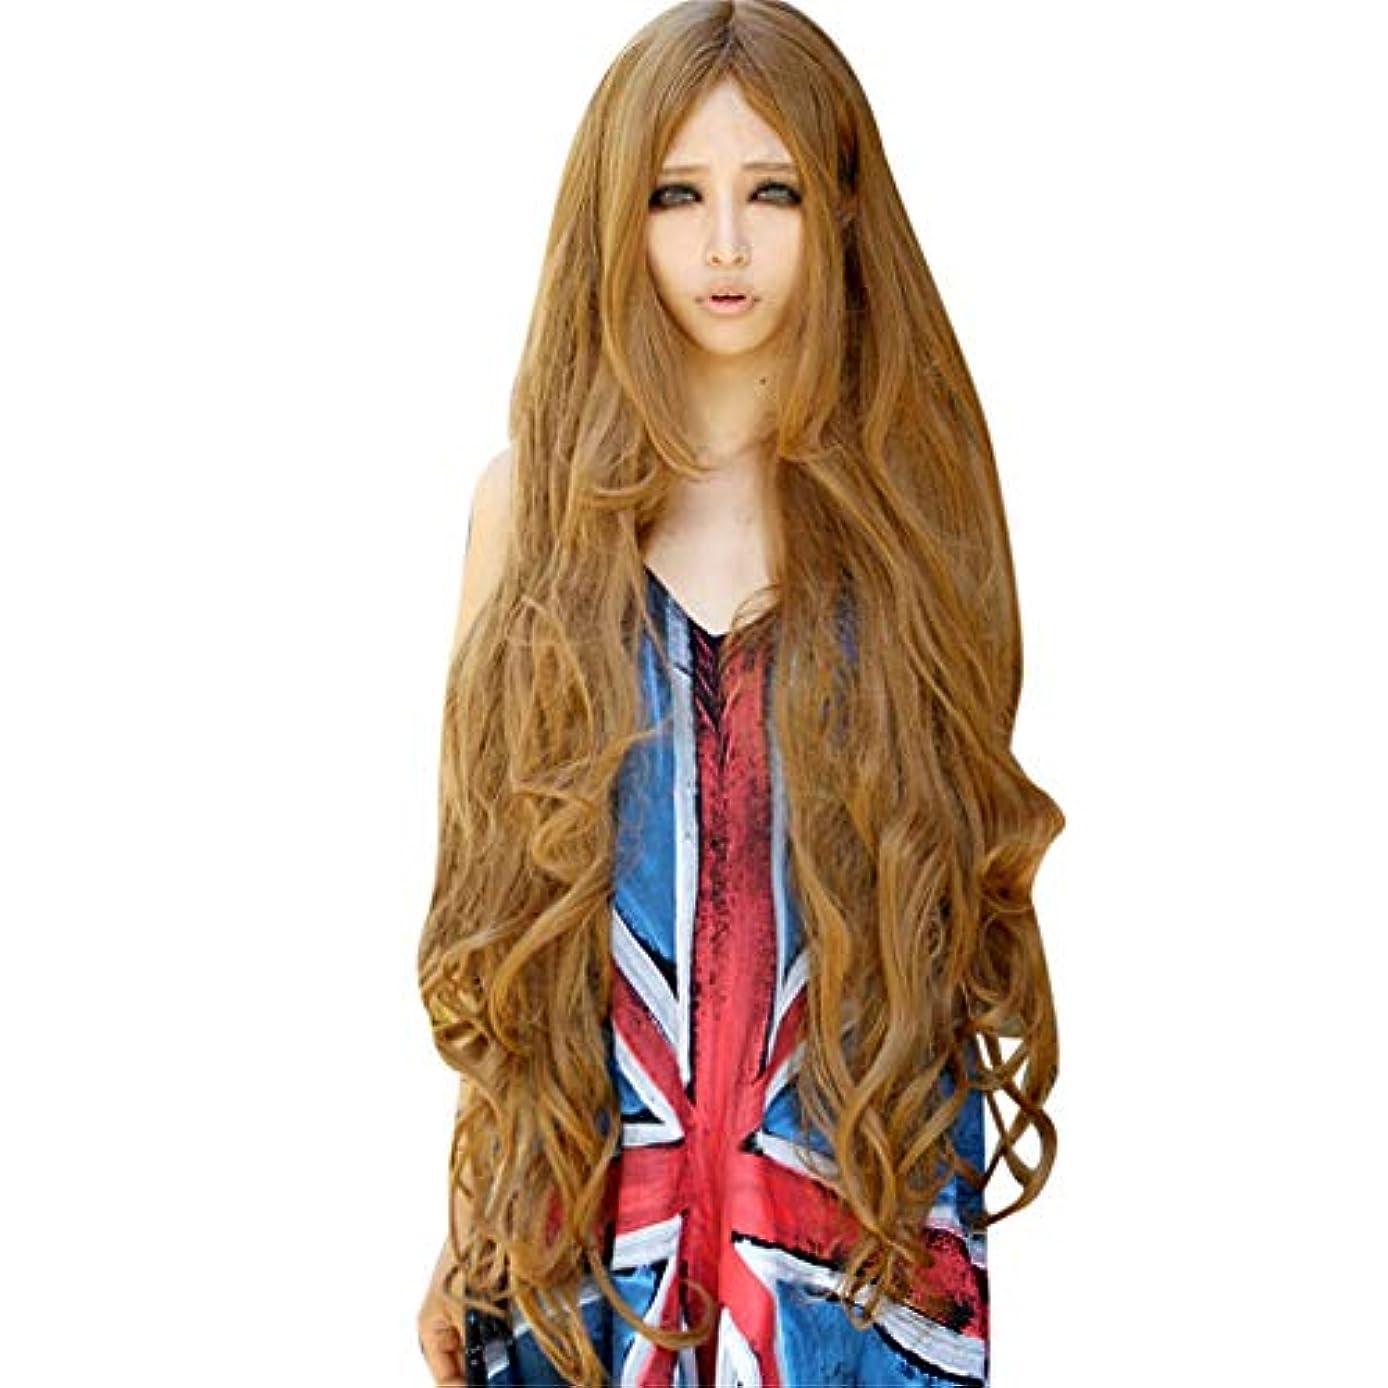 マティスワイド仮称かつらゴールド長い巻き毛ナチュラルかつらファッションパーティーかつら100CM